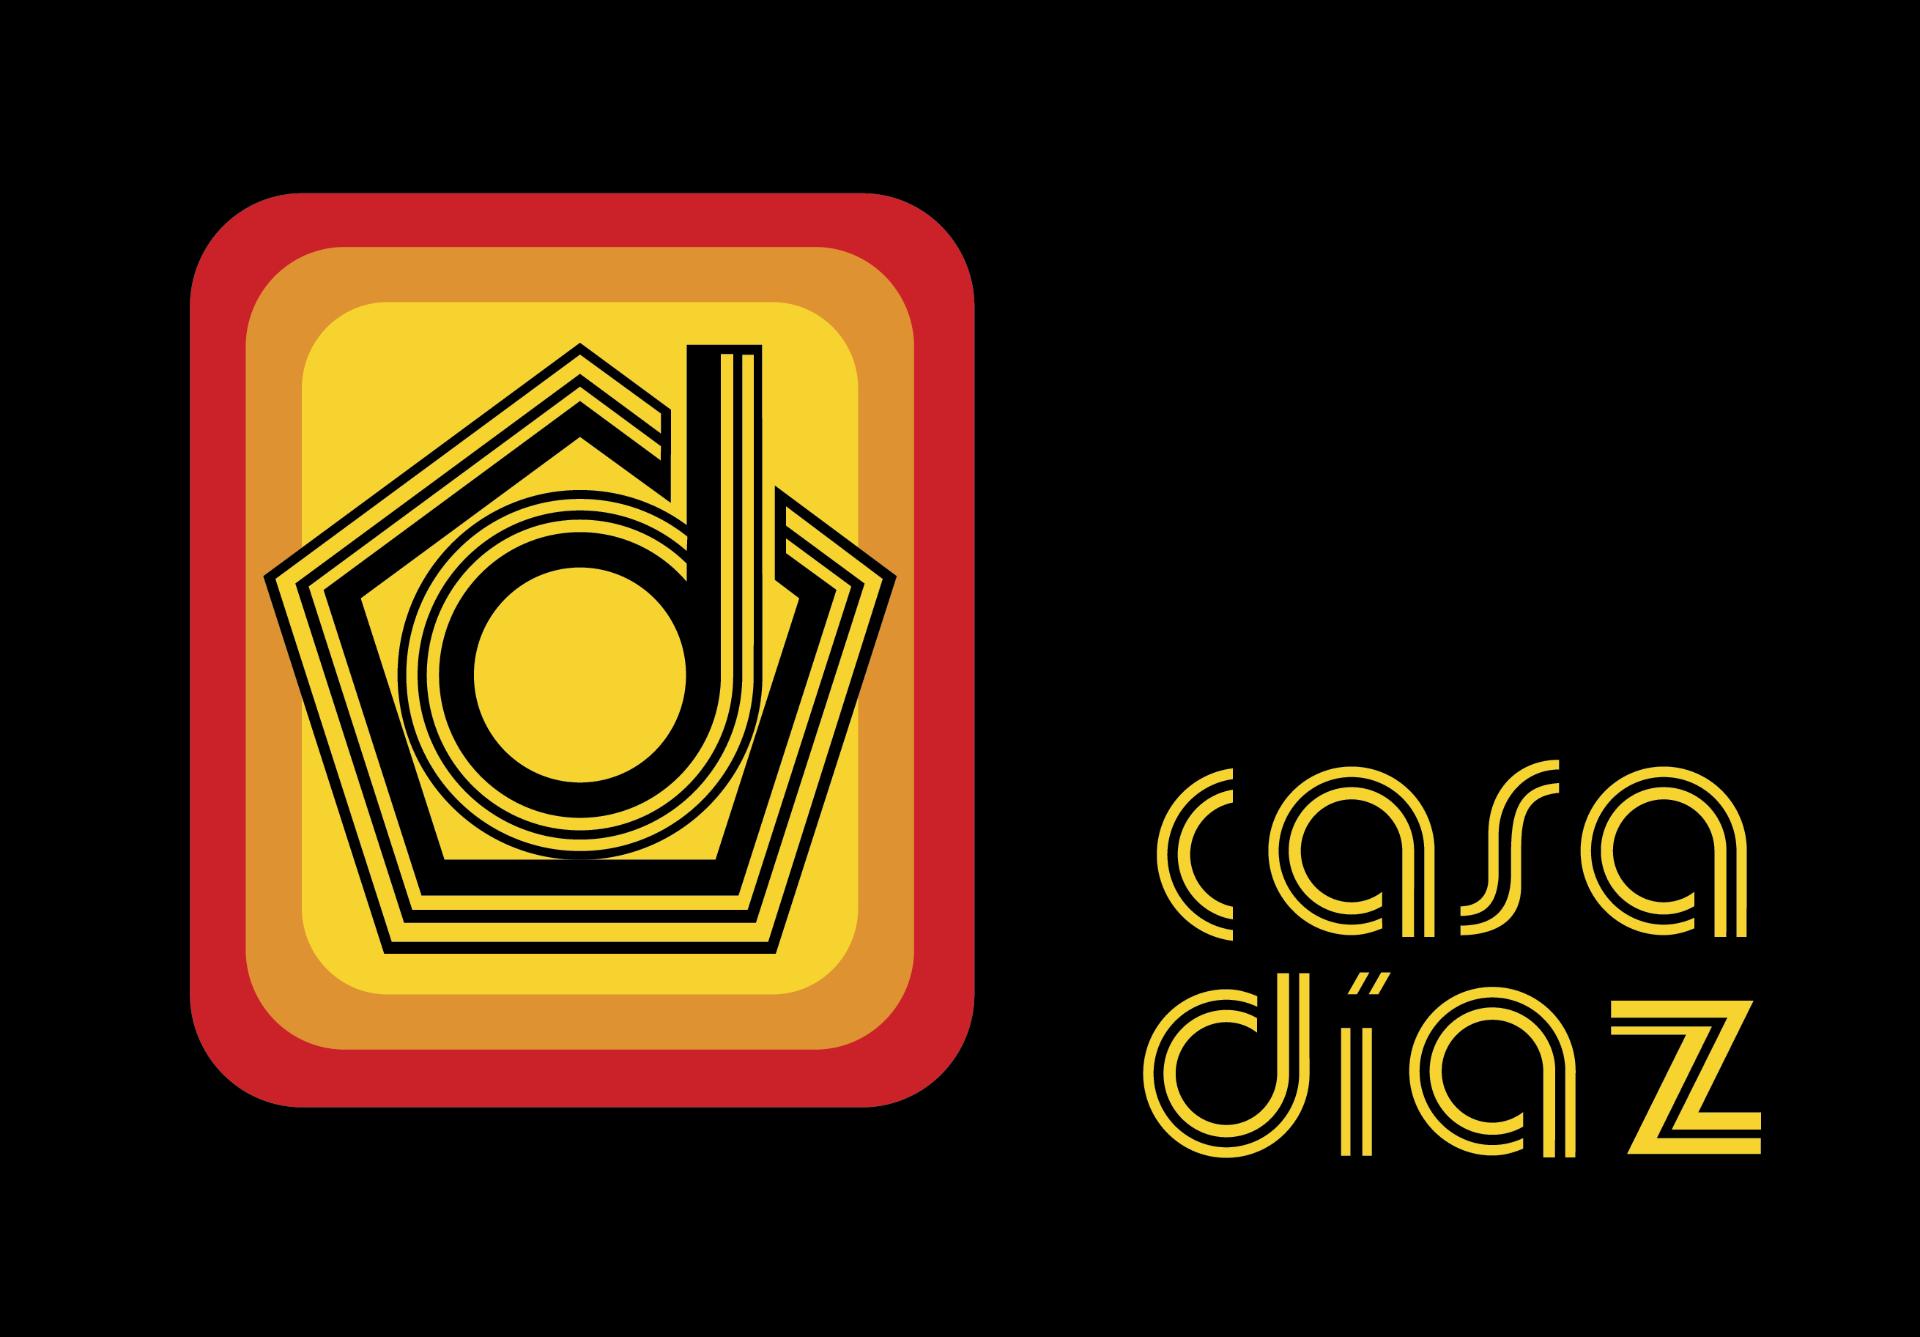 Casa Díaz Oficial - Venta en línea